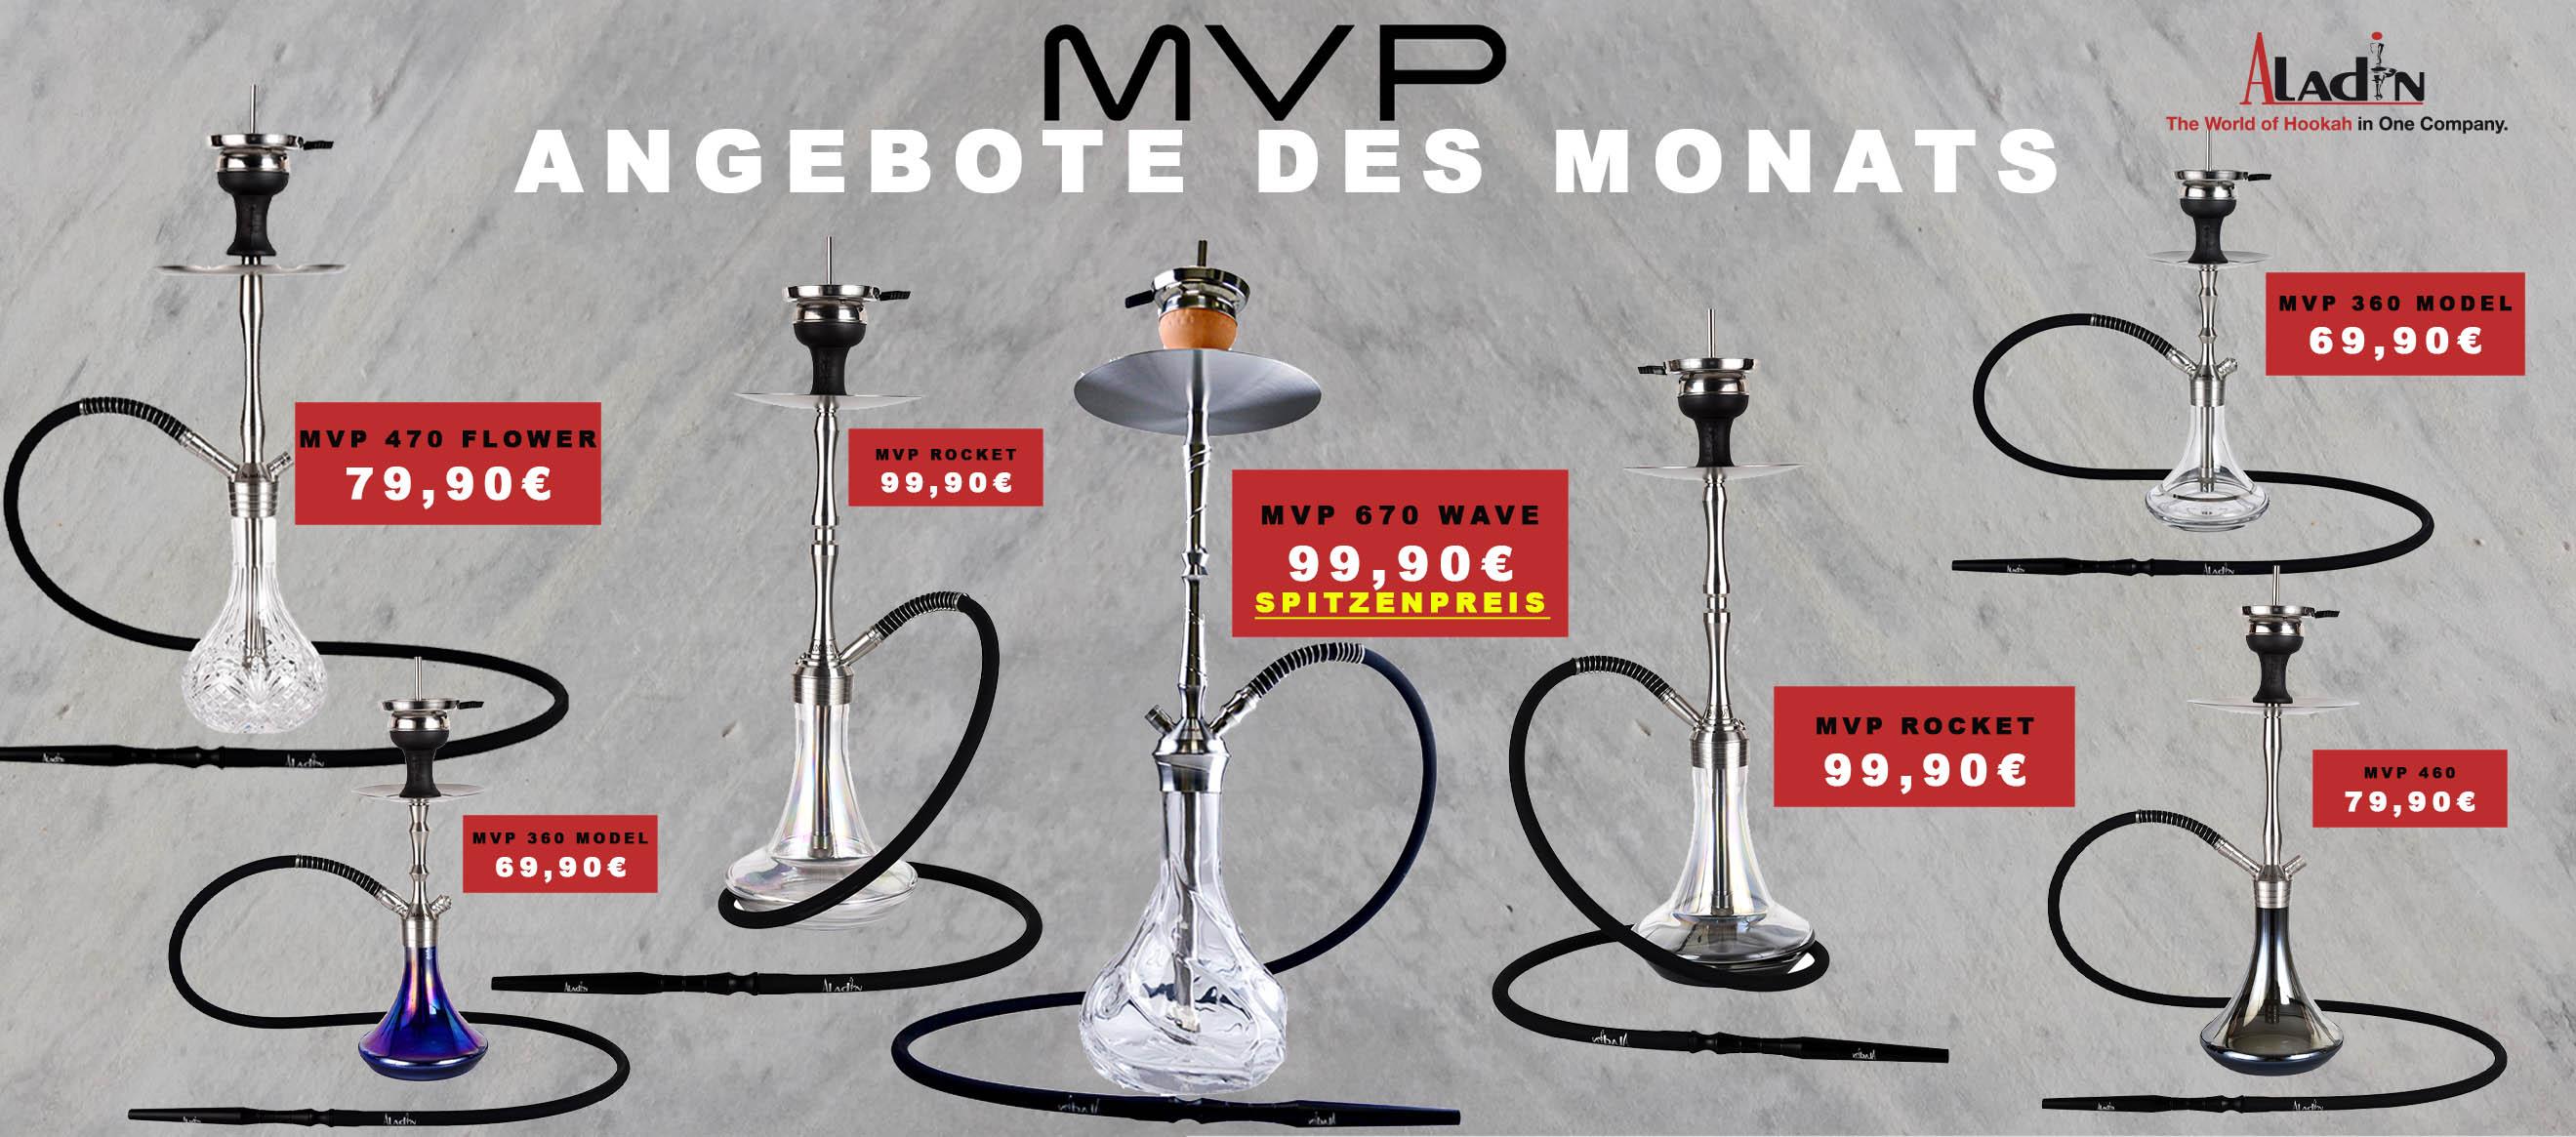 Aladin MVP Modelle